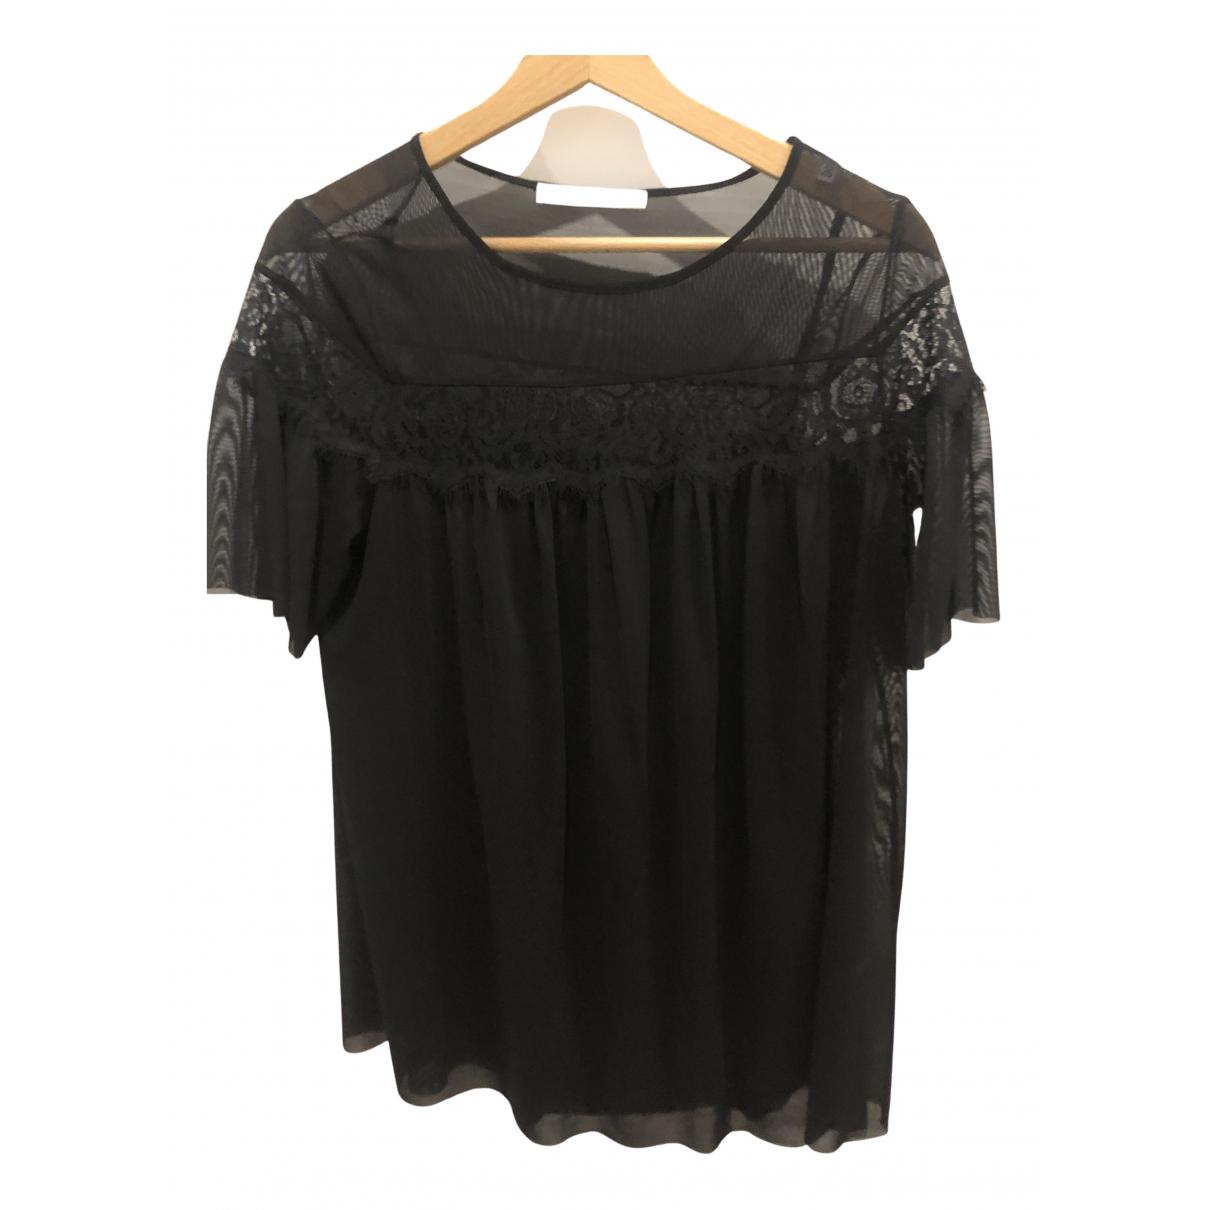 Uterque - Top   pour femme - noir